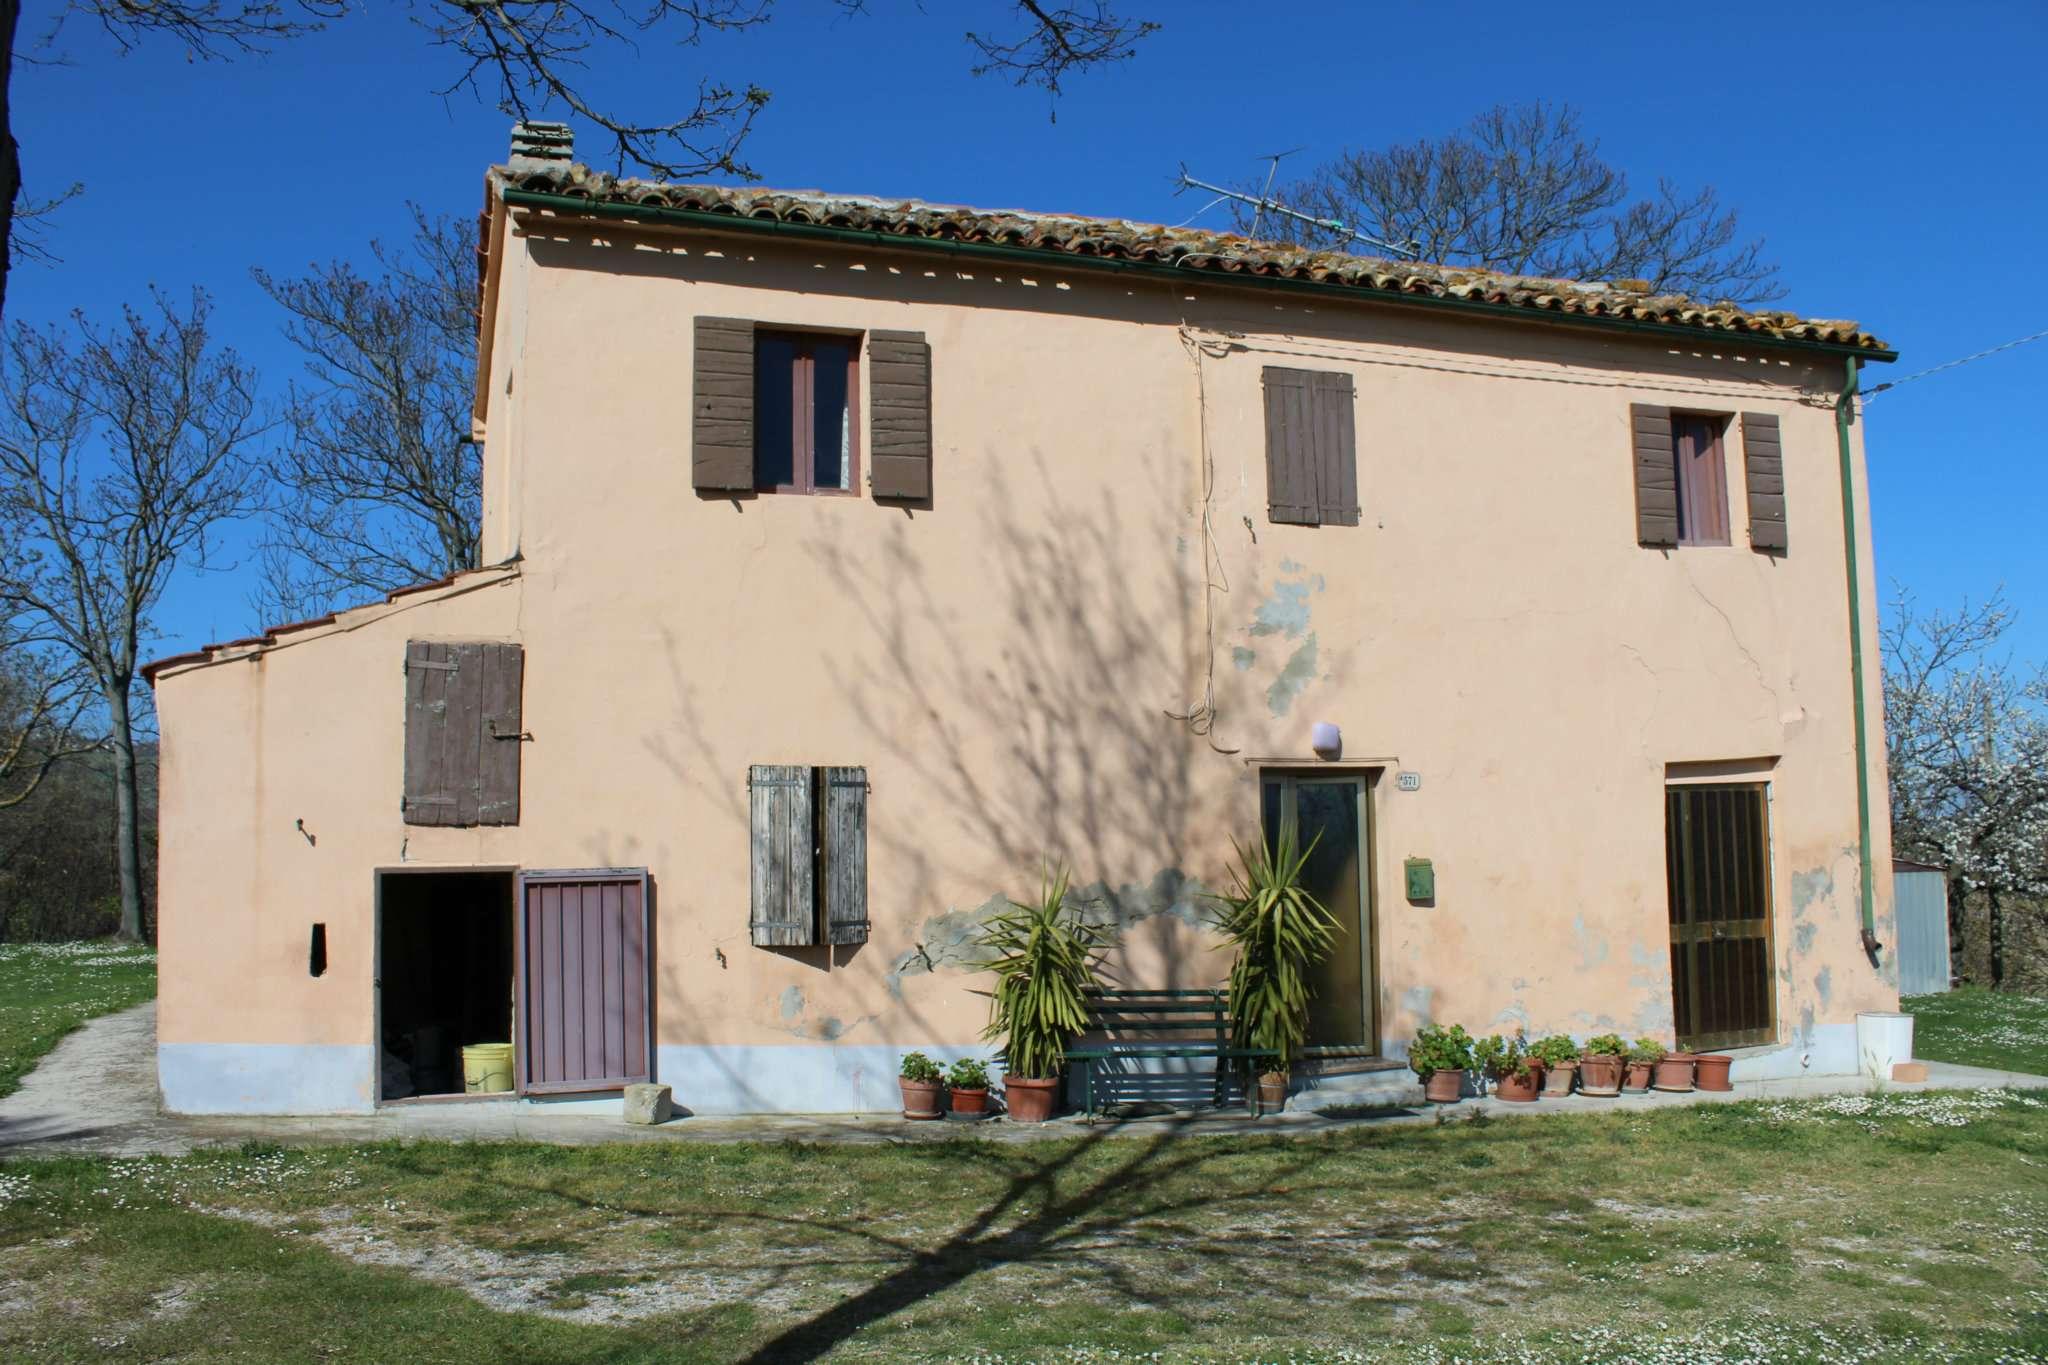 Soluzione Indipendente in vendita a Mondaino, 6 locali, prezzo € 150.000 | Cambio Casa.it